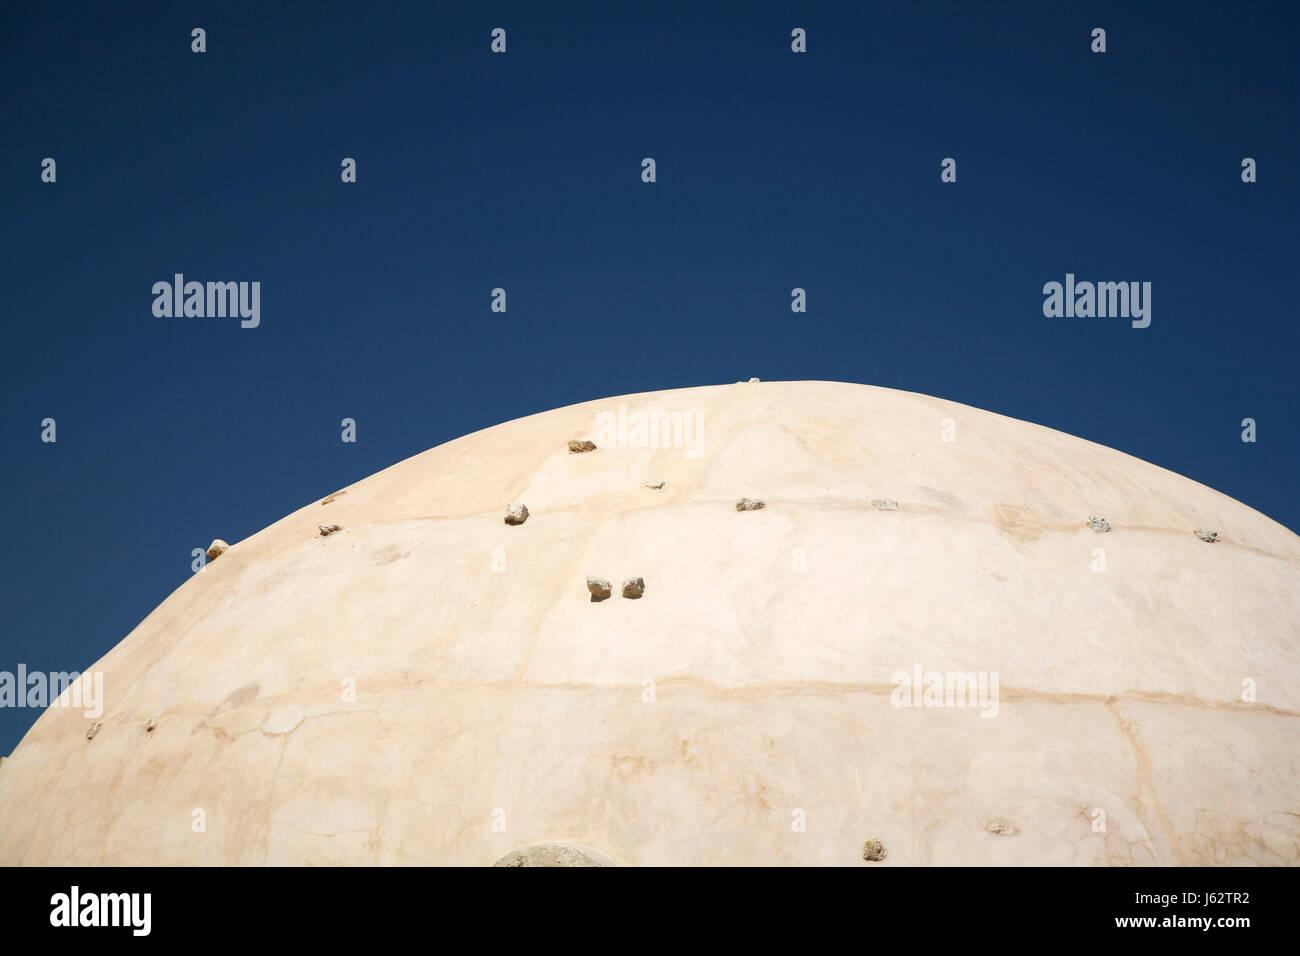 Pierre bleu firmament ellipse bleu ciel couverture couvrant la pierre de construction maison Photo Stock